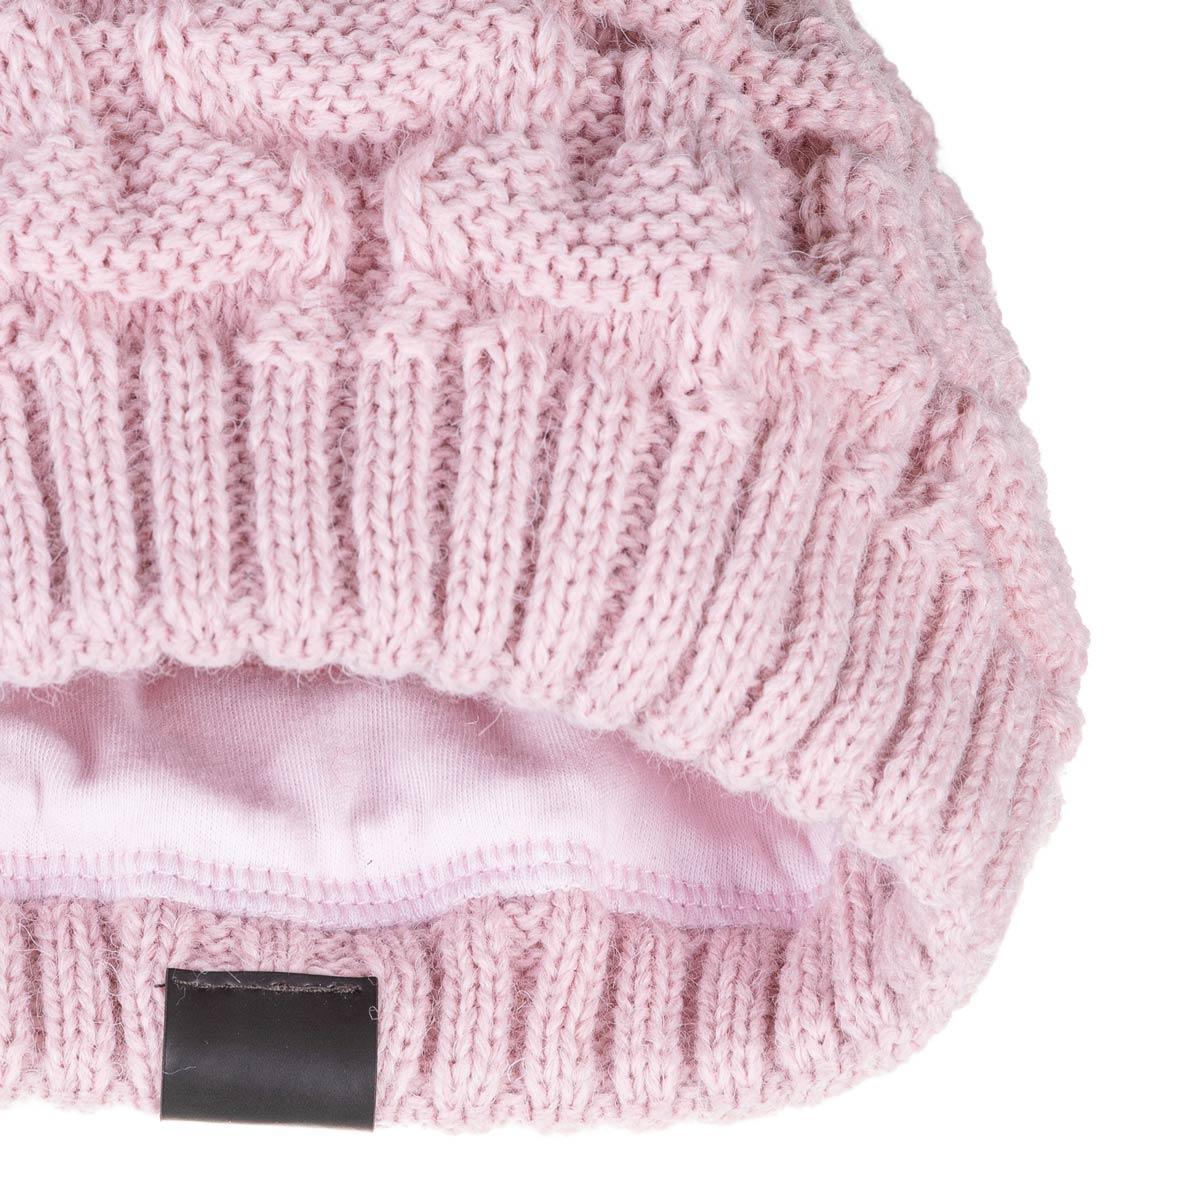 CP-01600-D12-bonnet-doublure-rose